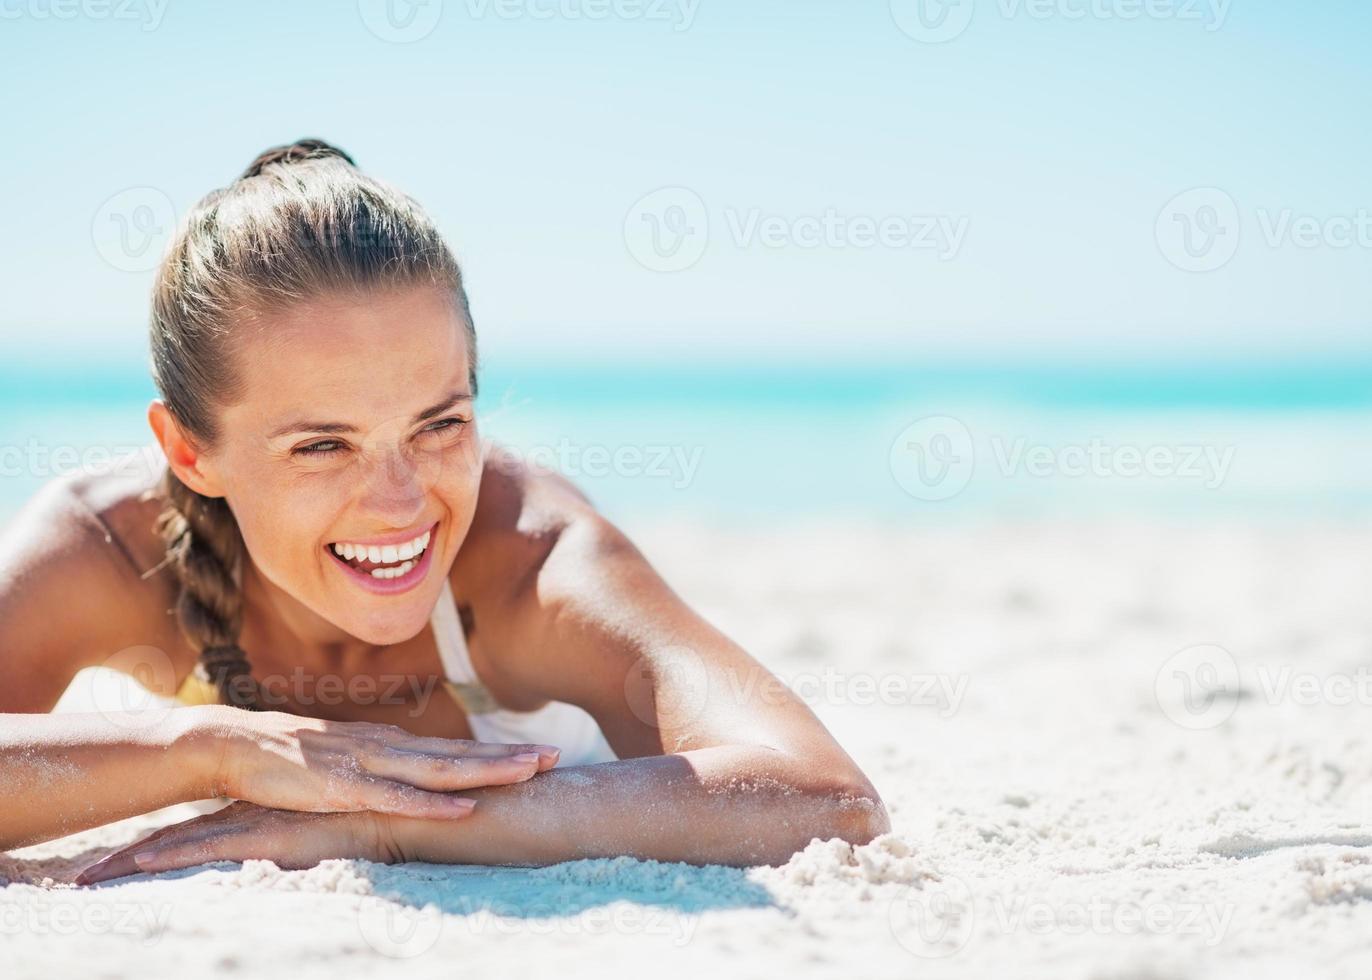 sonriente mujer joven en traje de baño disfrutando acostado en la playa foto